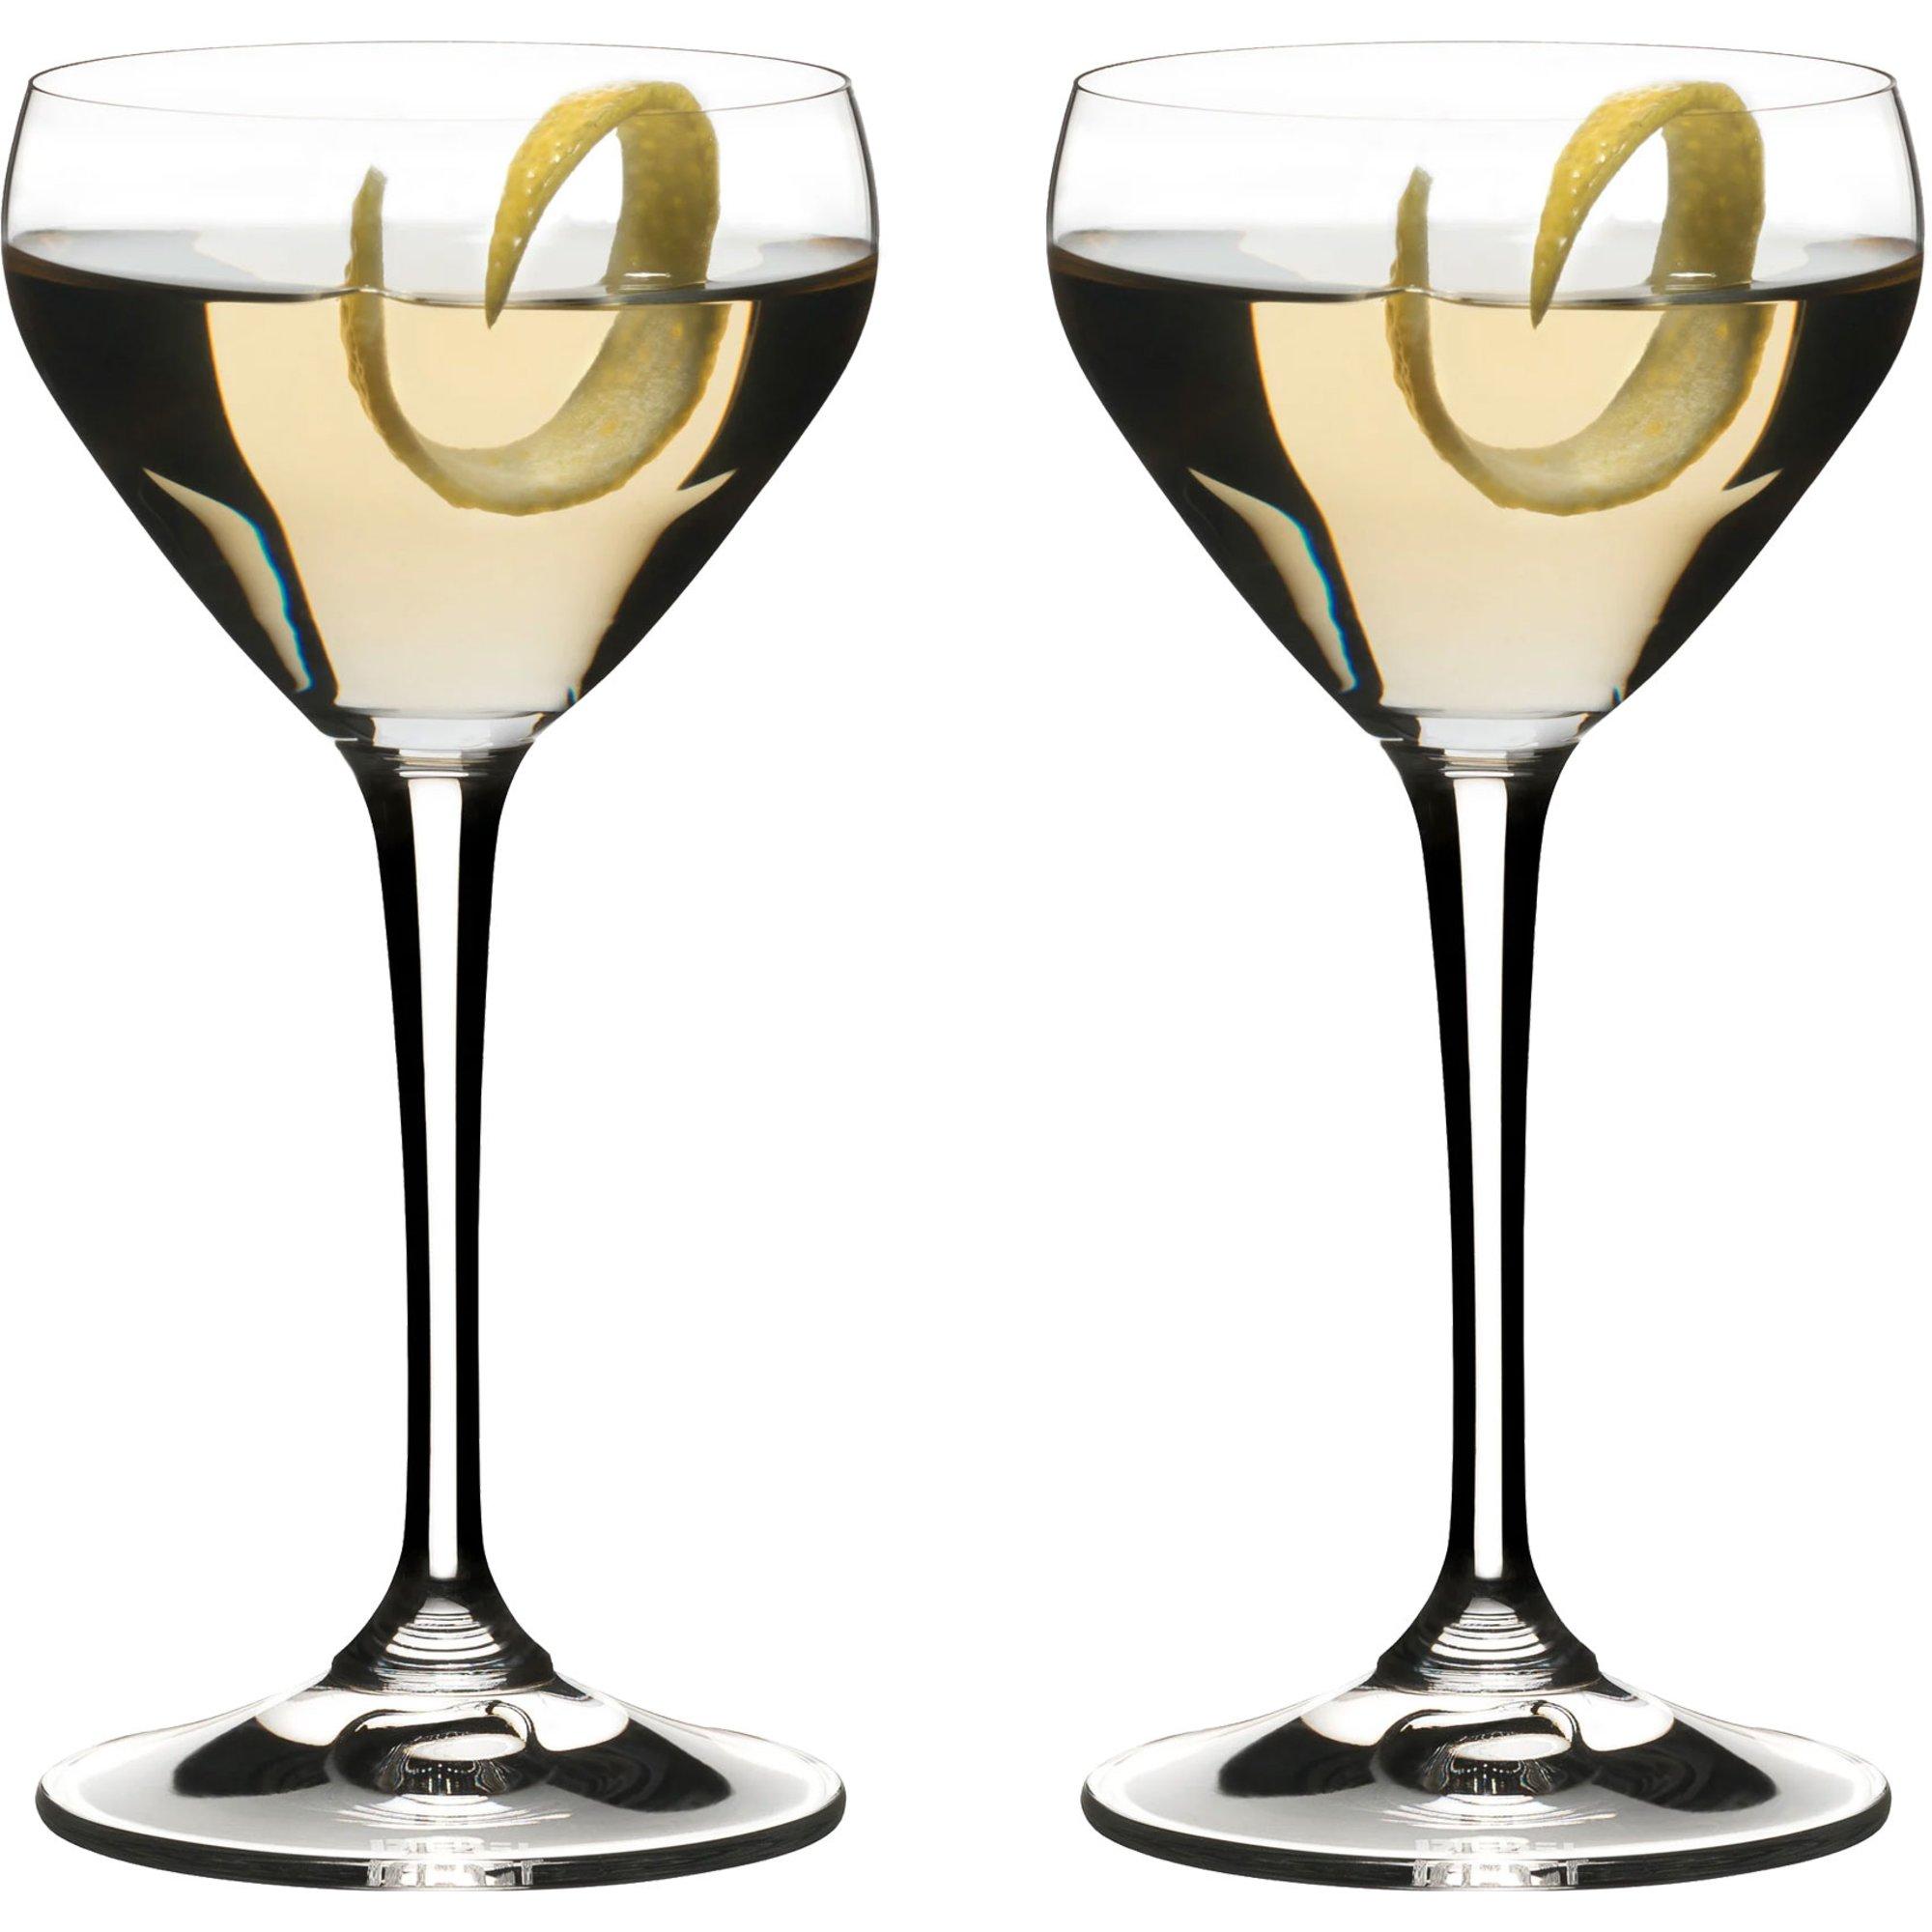 Riedel Nick och Nora-drinkglas från Drink Specific 2 st.